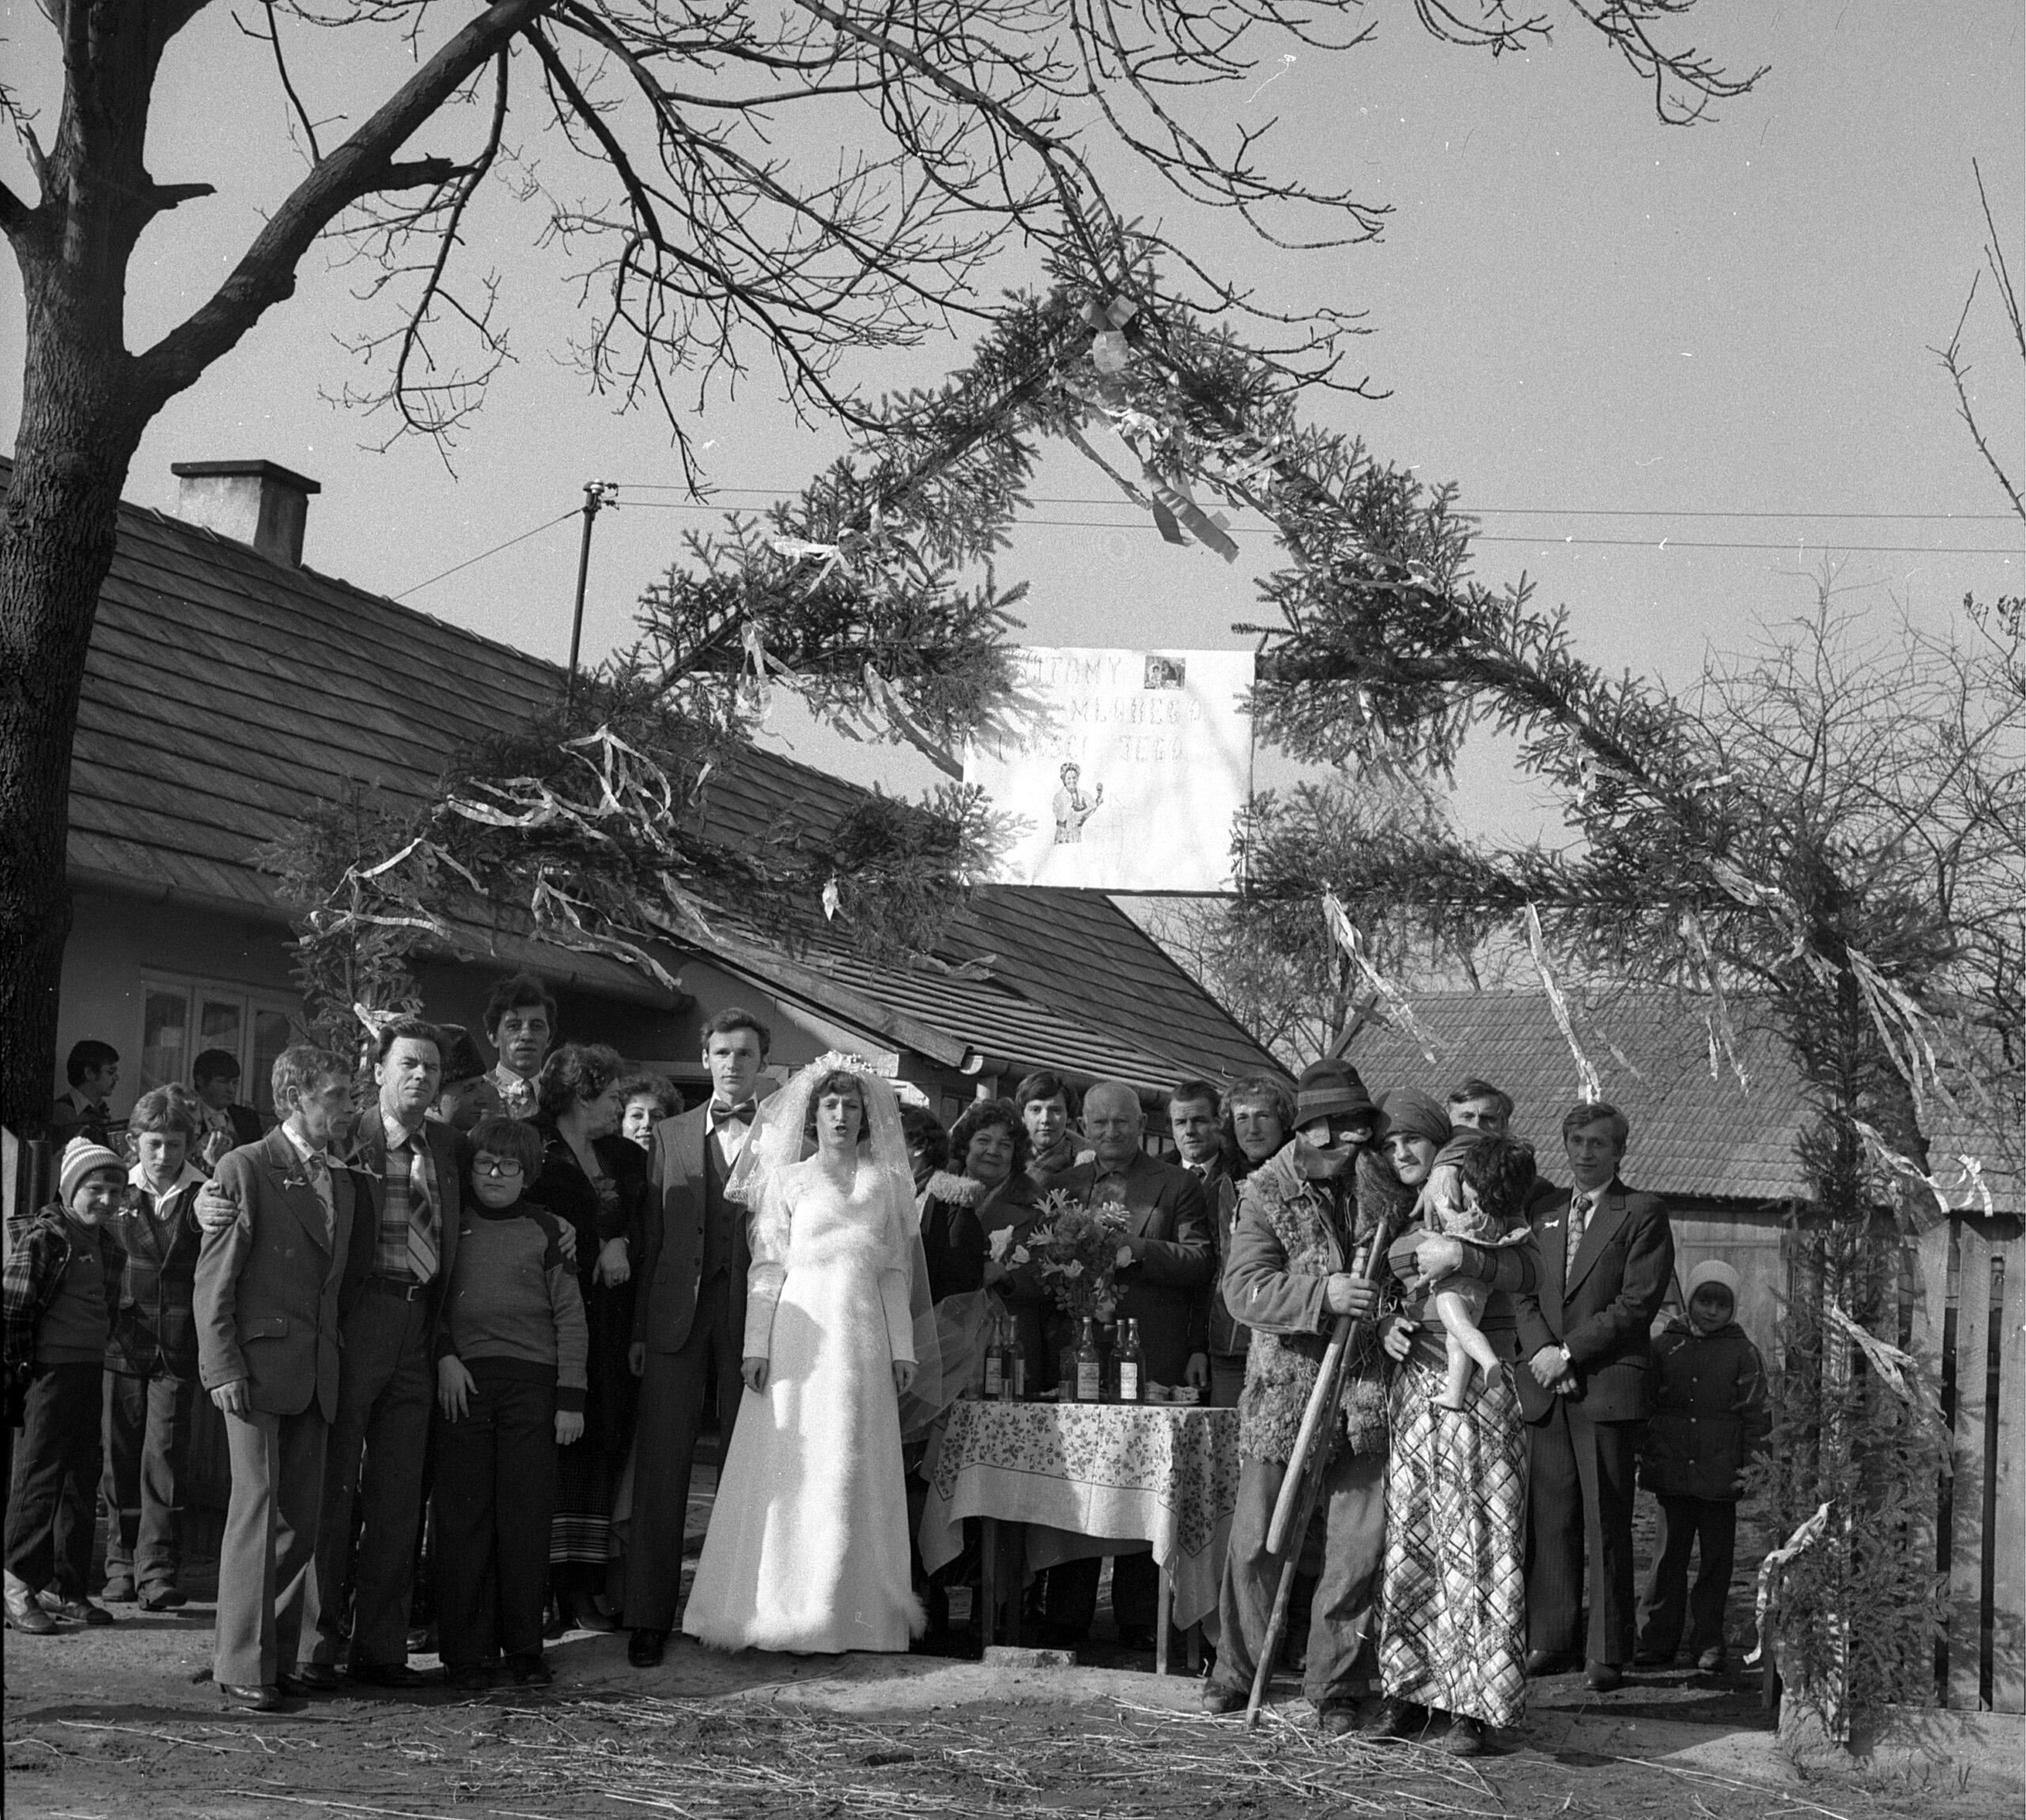 """Zdjęcie czarno-białe, Paraa młoda wraz z goścmi stoją przed stołem i wejściem do domu. Trwa """"wykupienie"""" pary młodej - bedą mogli przejść przez bramę po obrawaniu gości, którzy torują wejście w przebraniach, butelkami z alkoholem."""